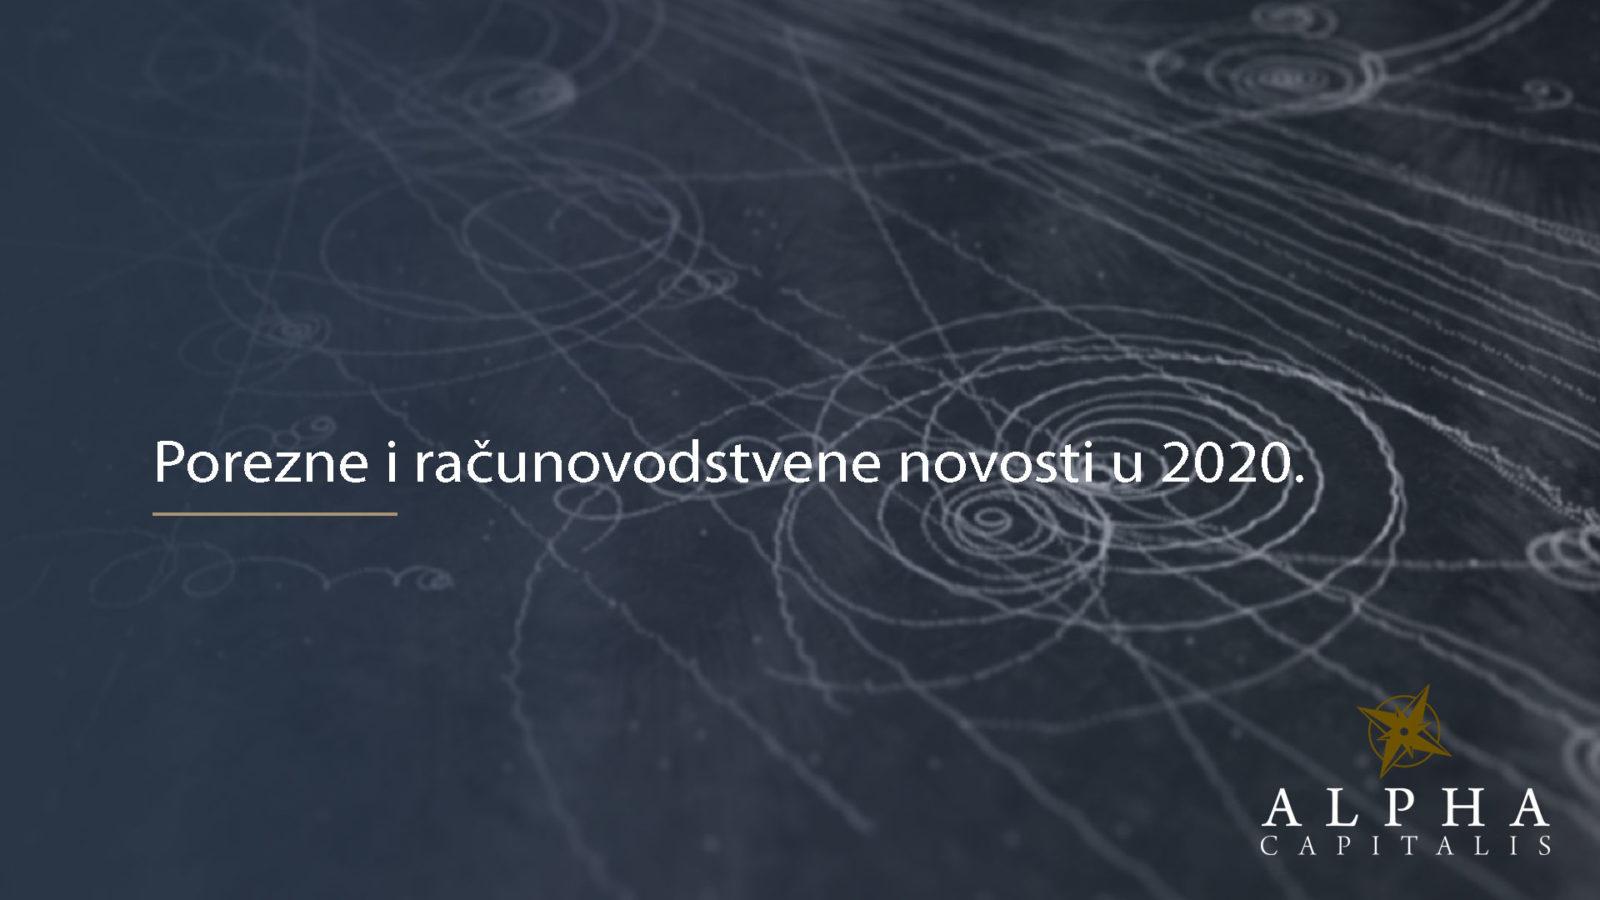 Porezne novosti 2020 01 04 - Porezne i Računovodstvene novosti u 2020.